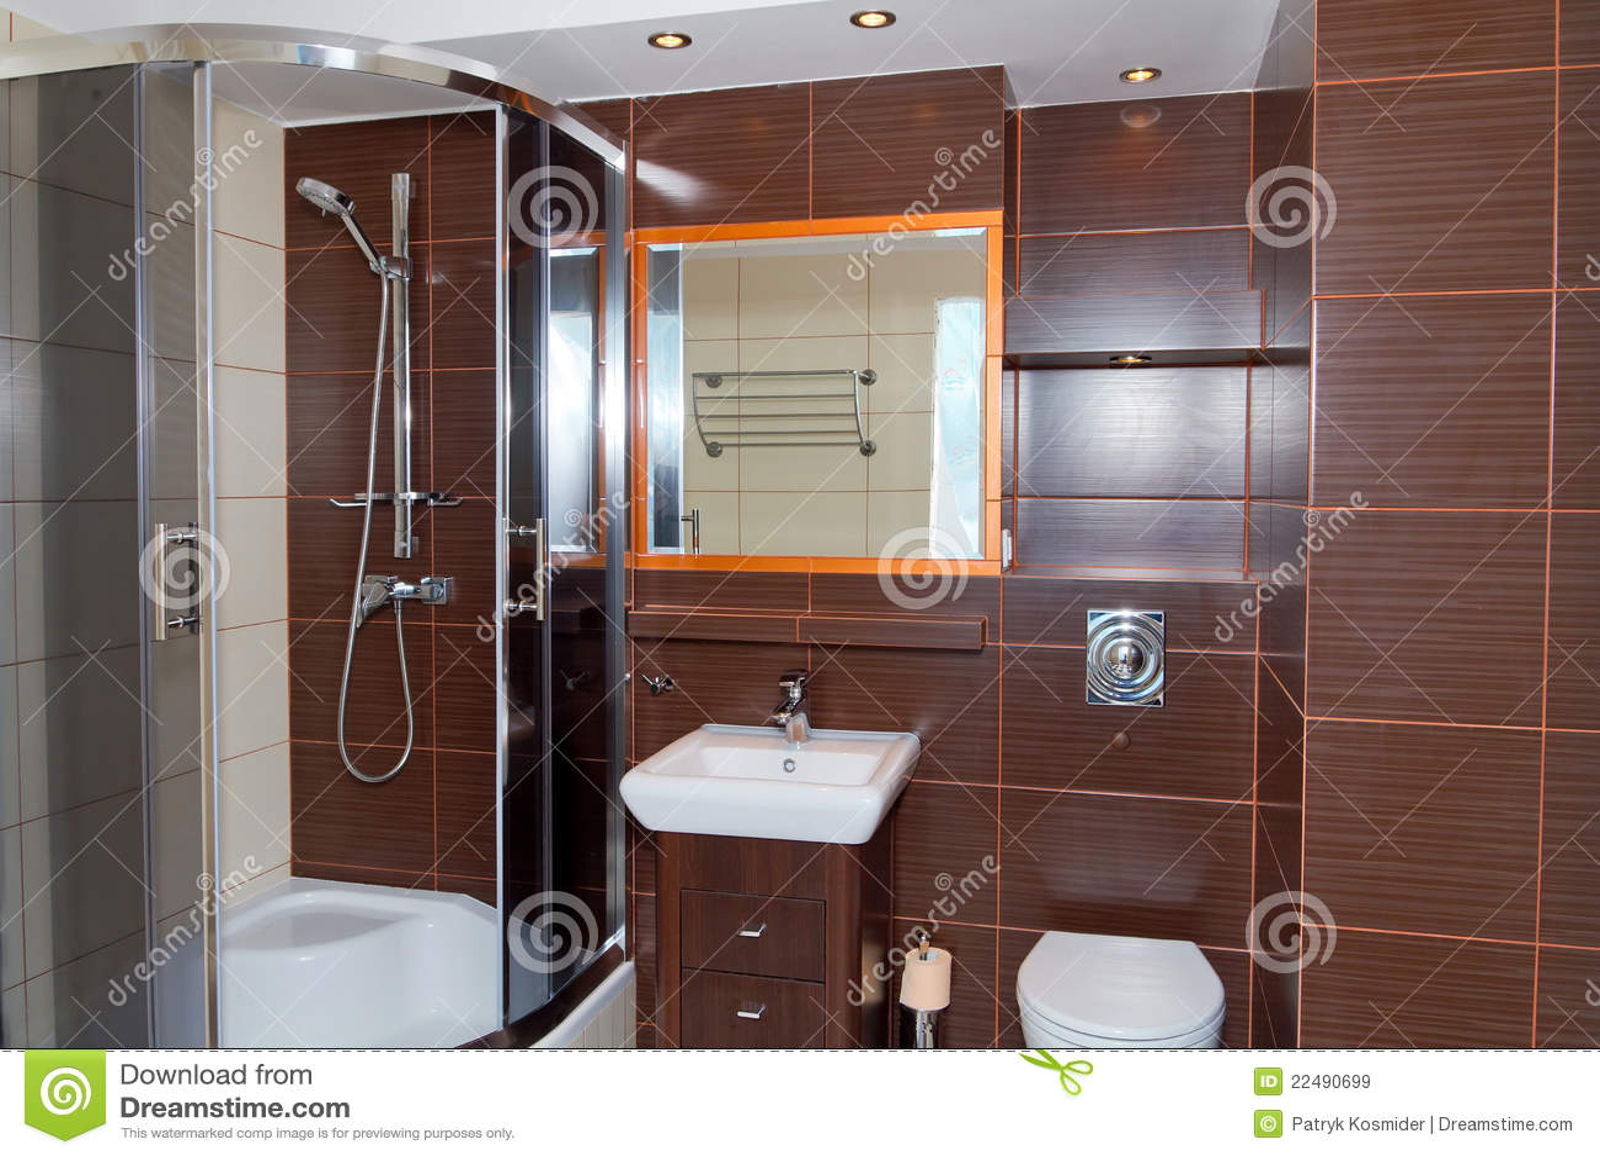 Interiore Della Stanza Da Bagno Di Colore Marrone Scuro Immagine Stock  Immagine di moderno